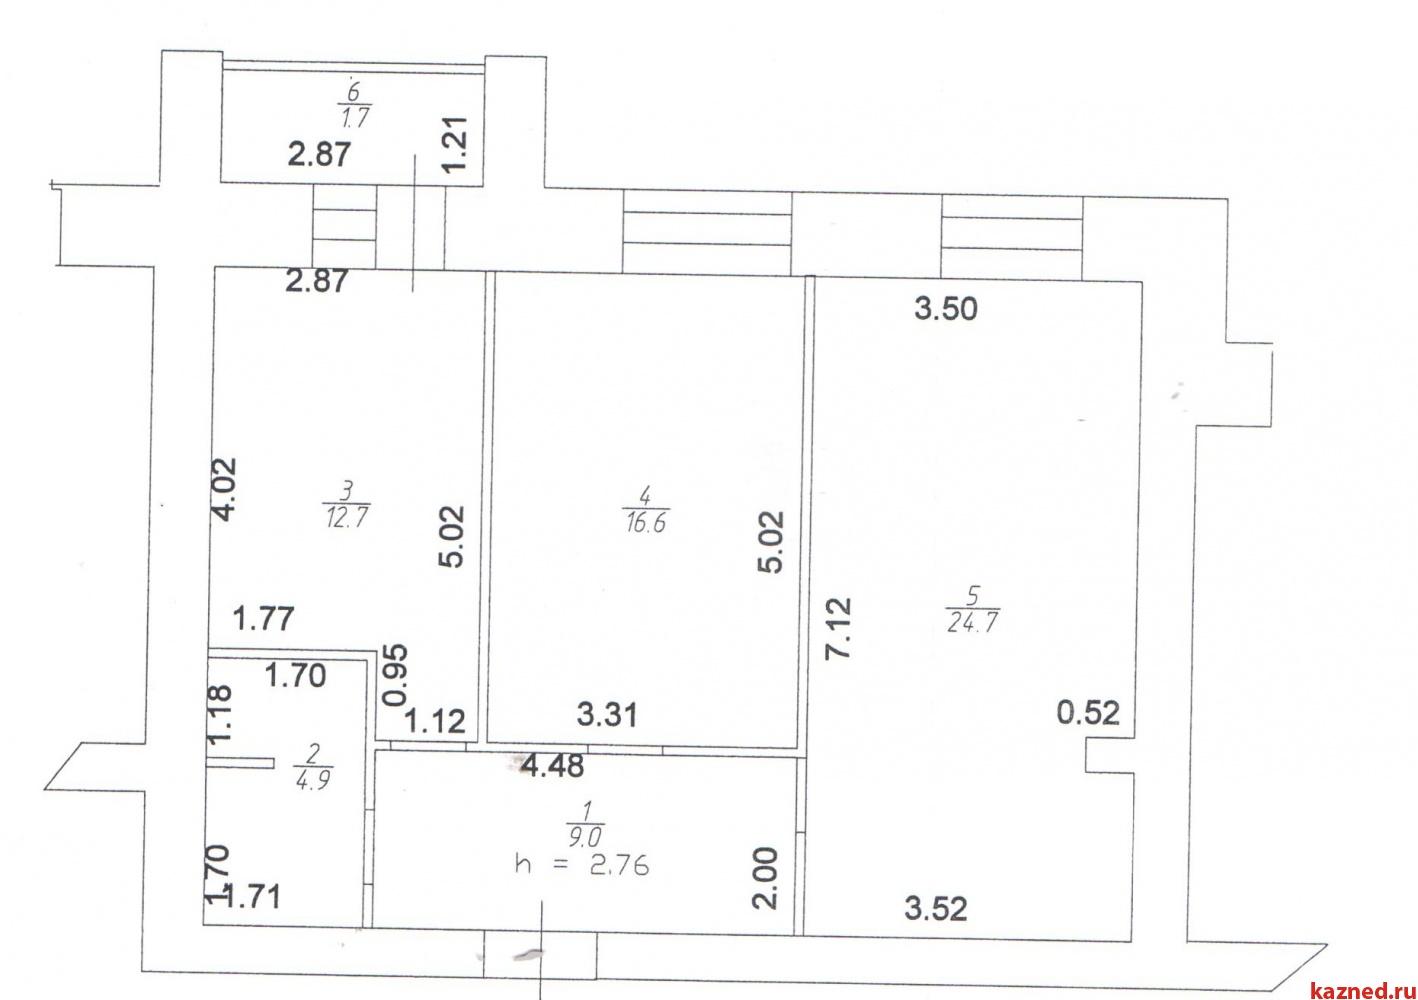 Продажа 2-к квартиры Серова, 51, 69 м²  (миниатюра №3)